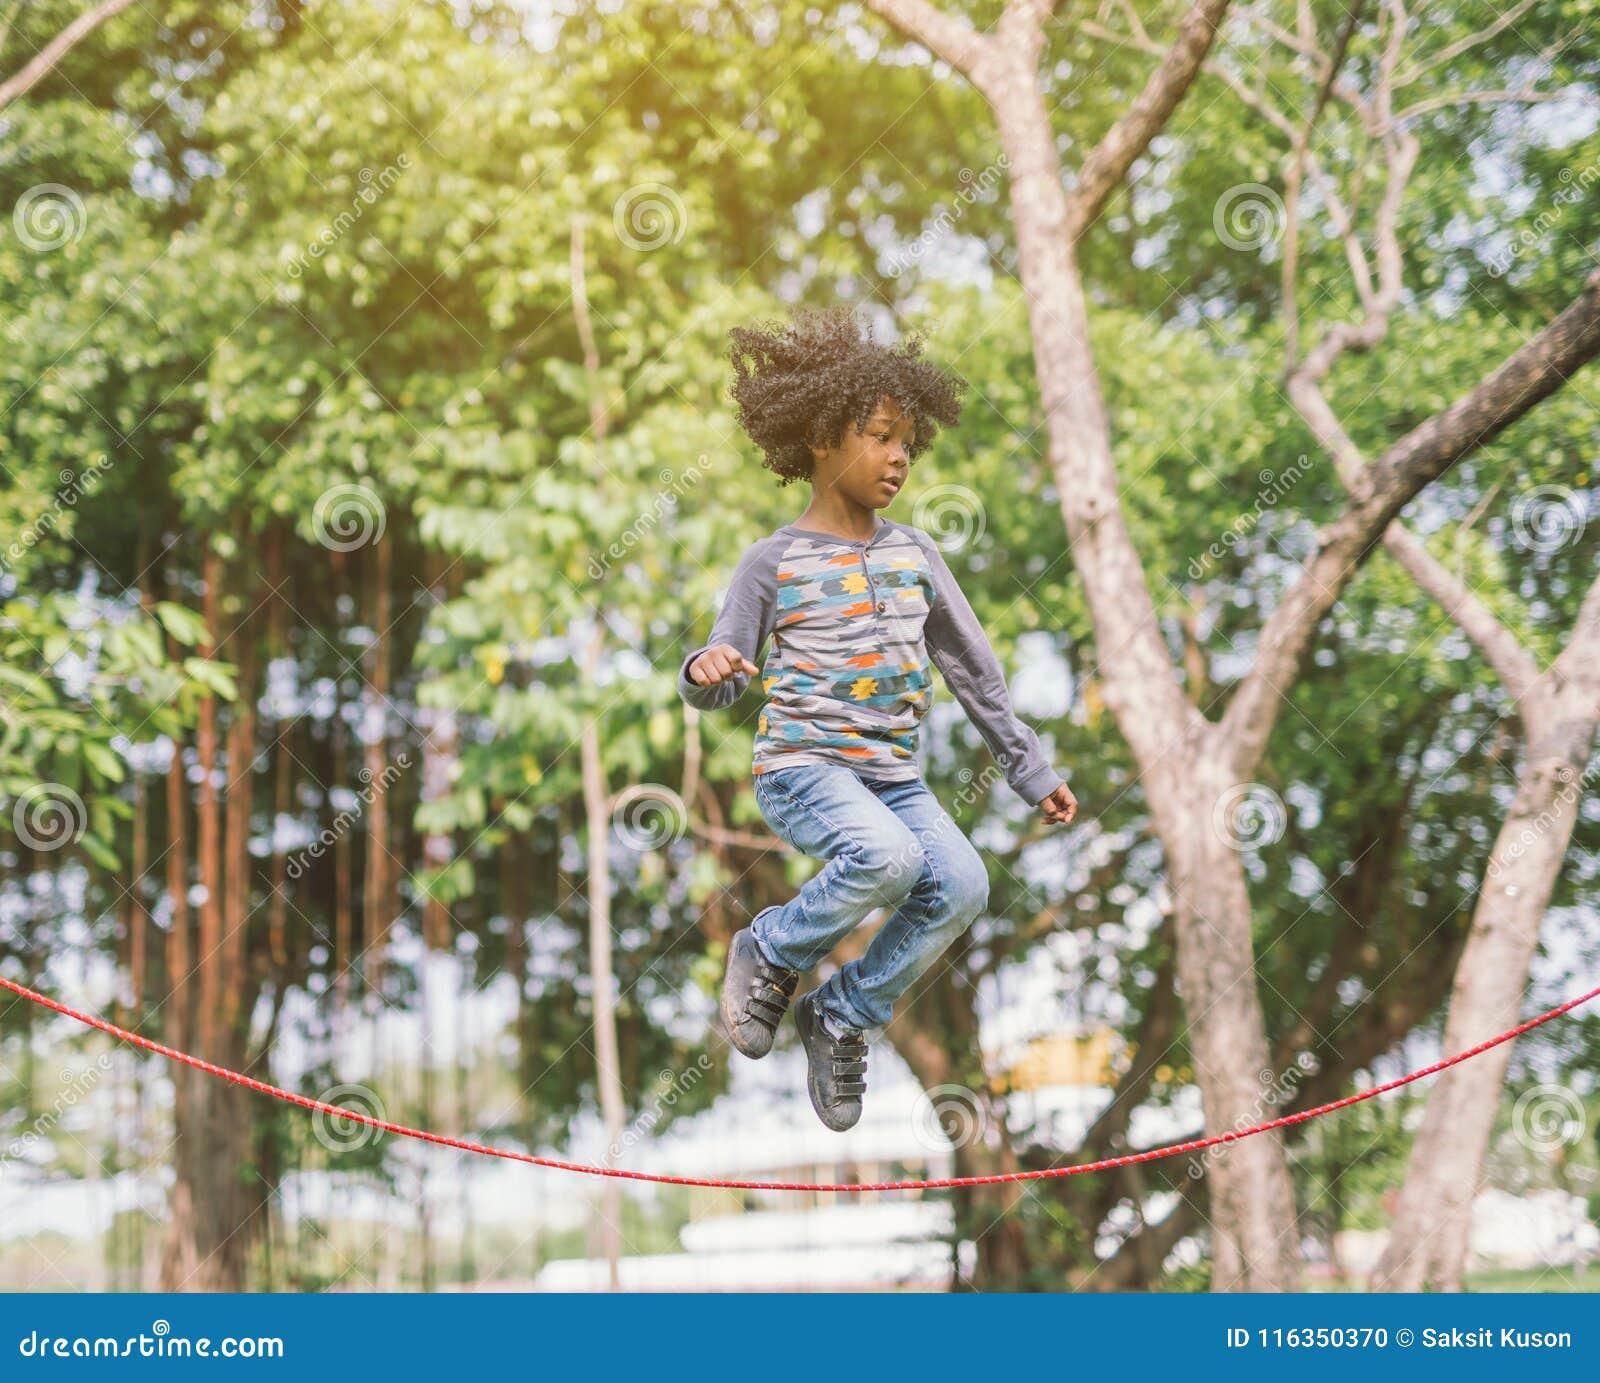 O menino que salta sobre a corda no parque no dia de verão ensolarado